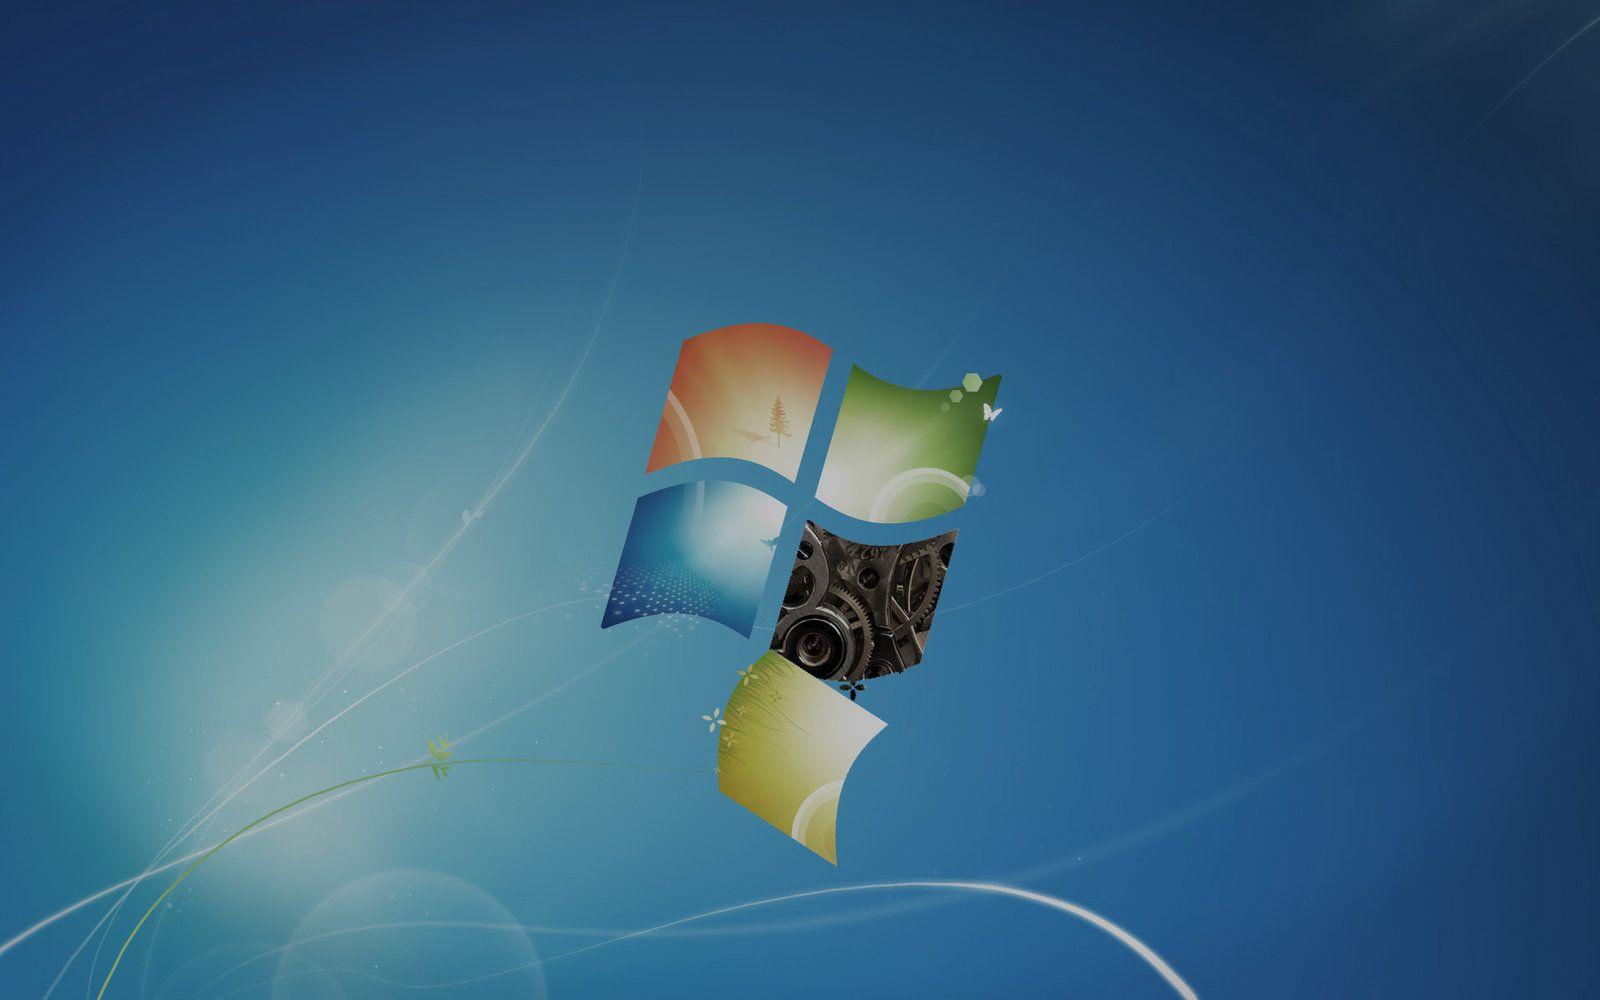 30+ Windows 7 Default Wallpaper by Jeltsje Burnyeat, GoldWallpapers